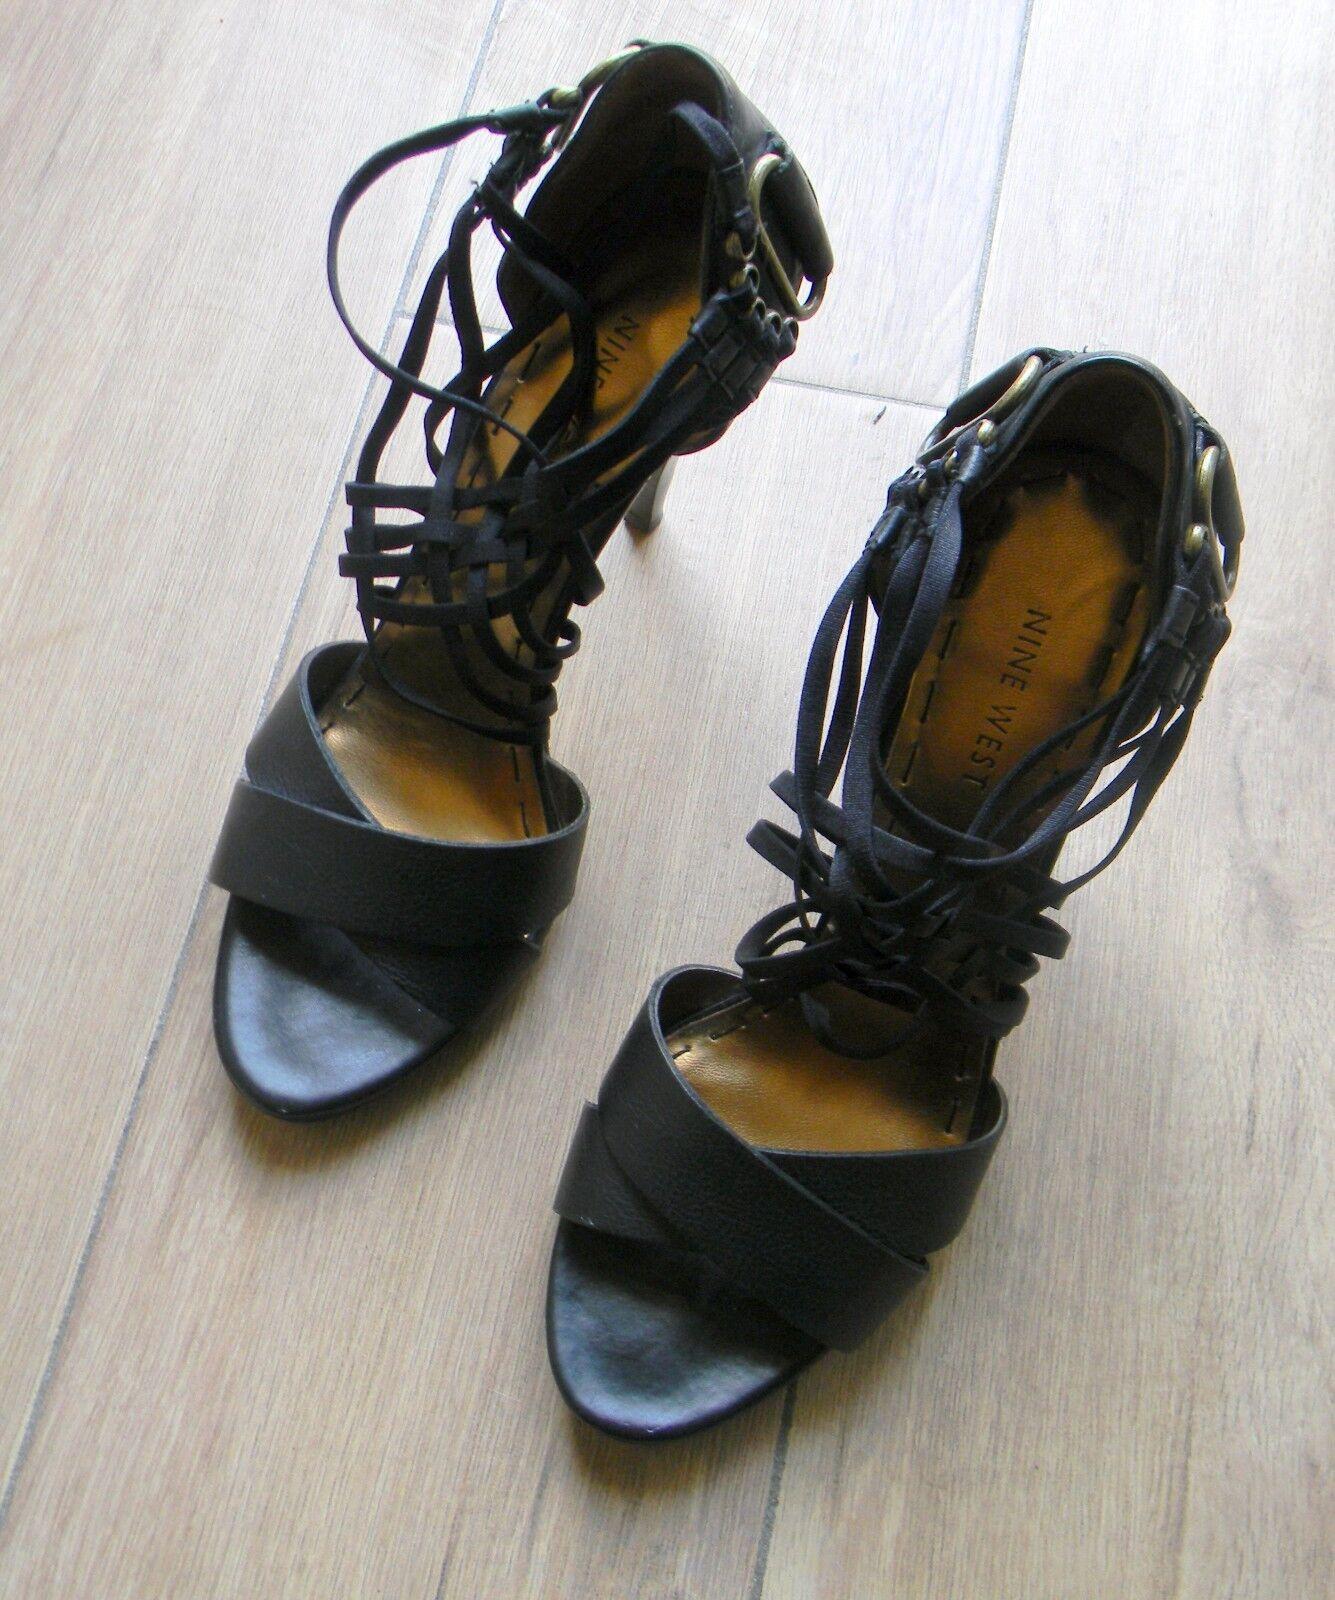 Splendides chaussures noires en cuir 38